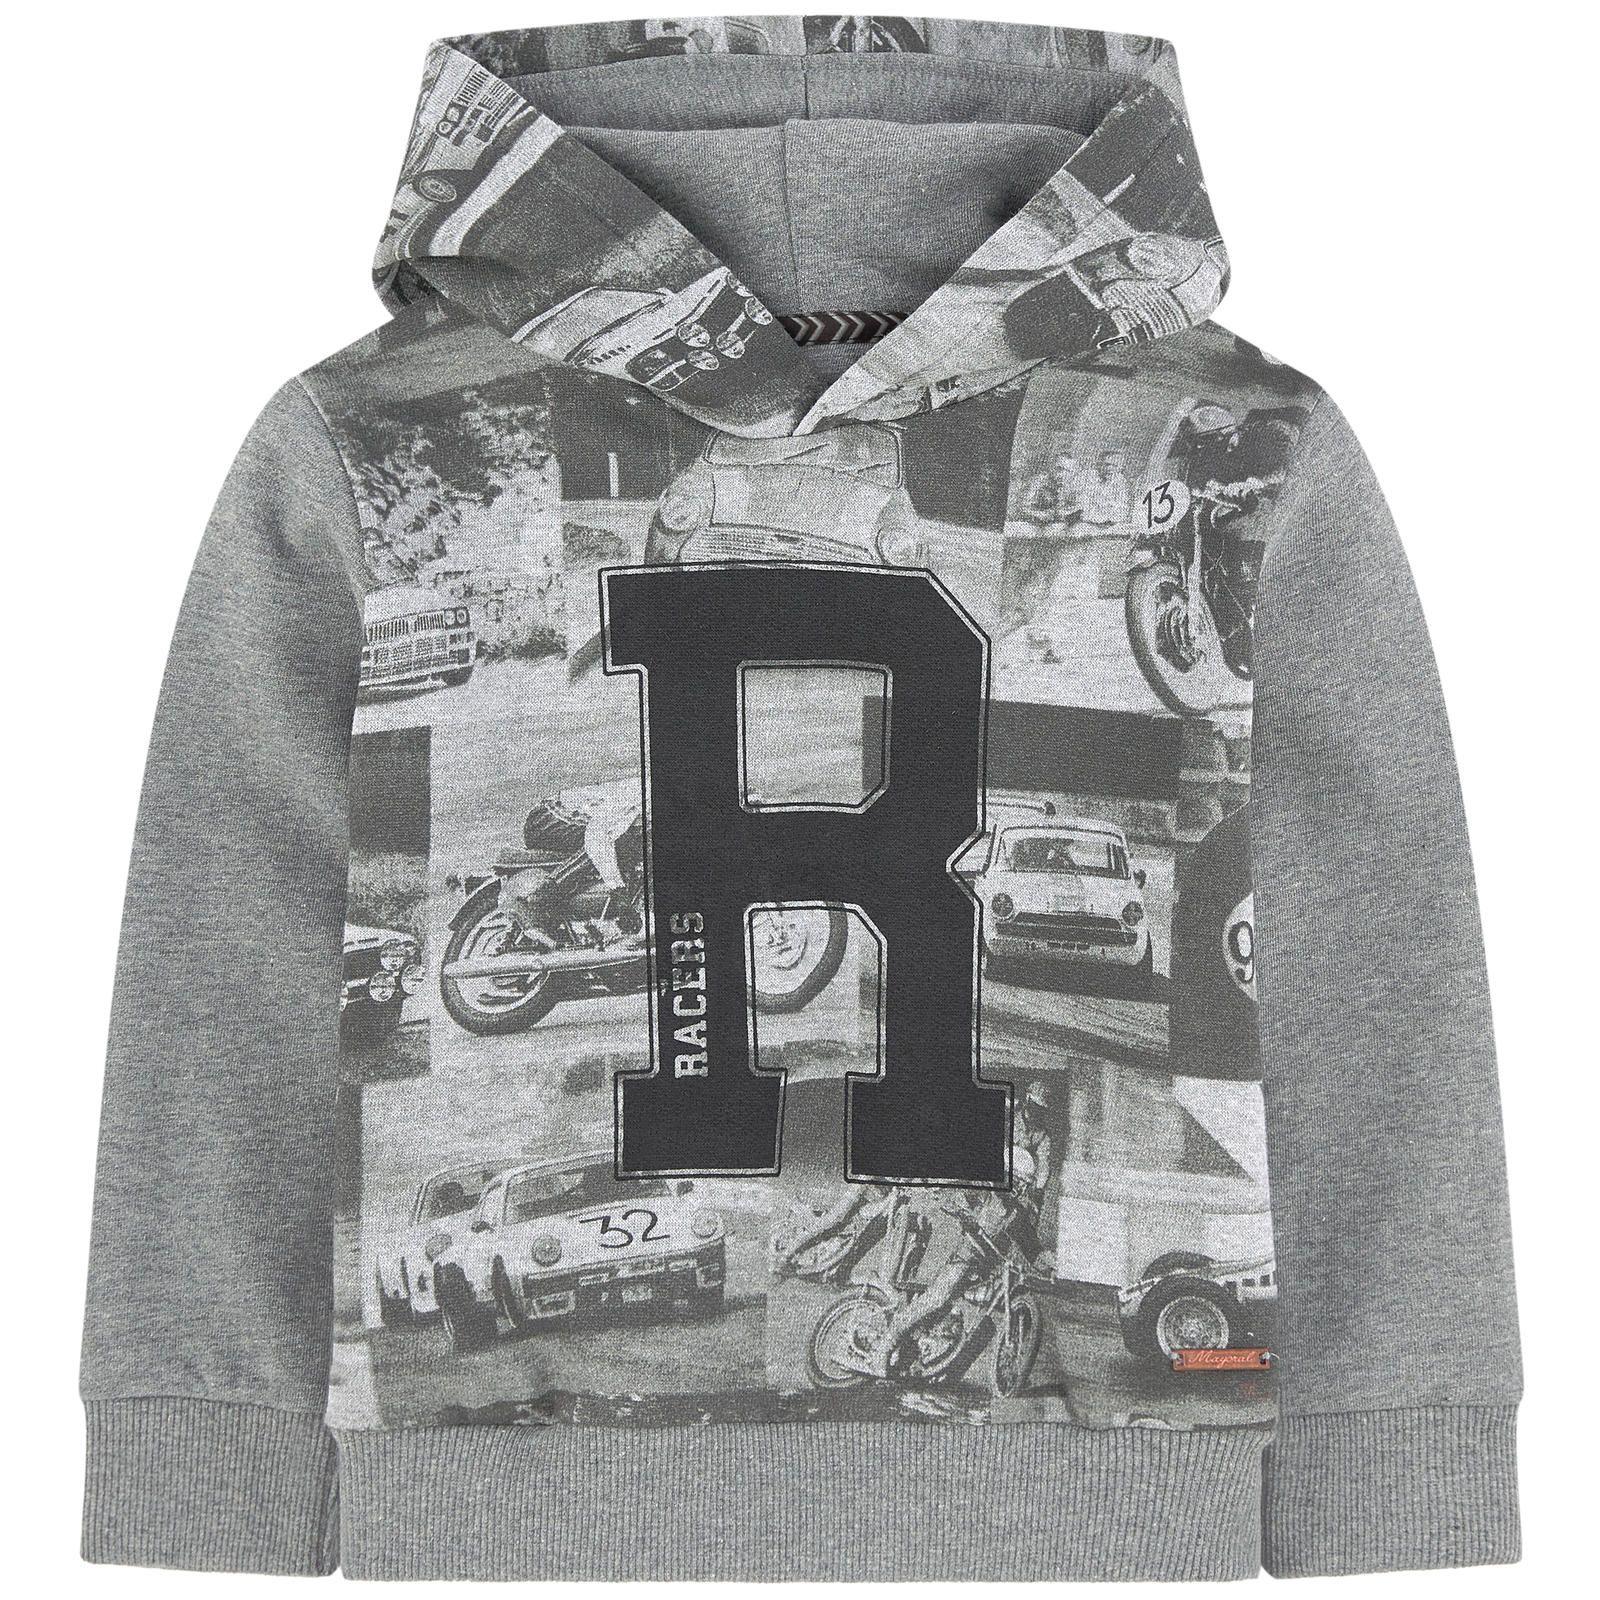 6550670511b6 Printed hoodie